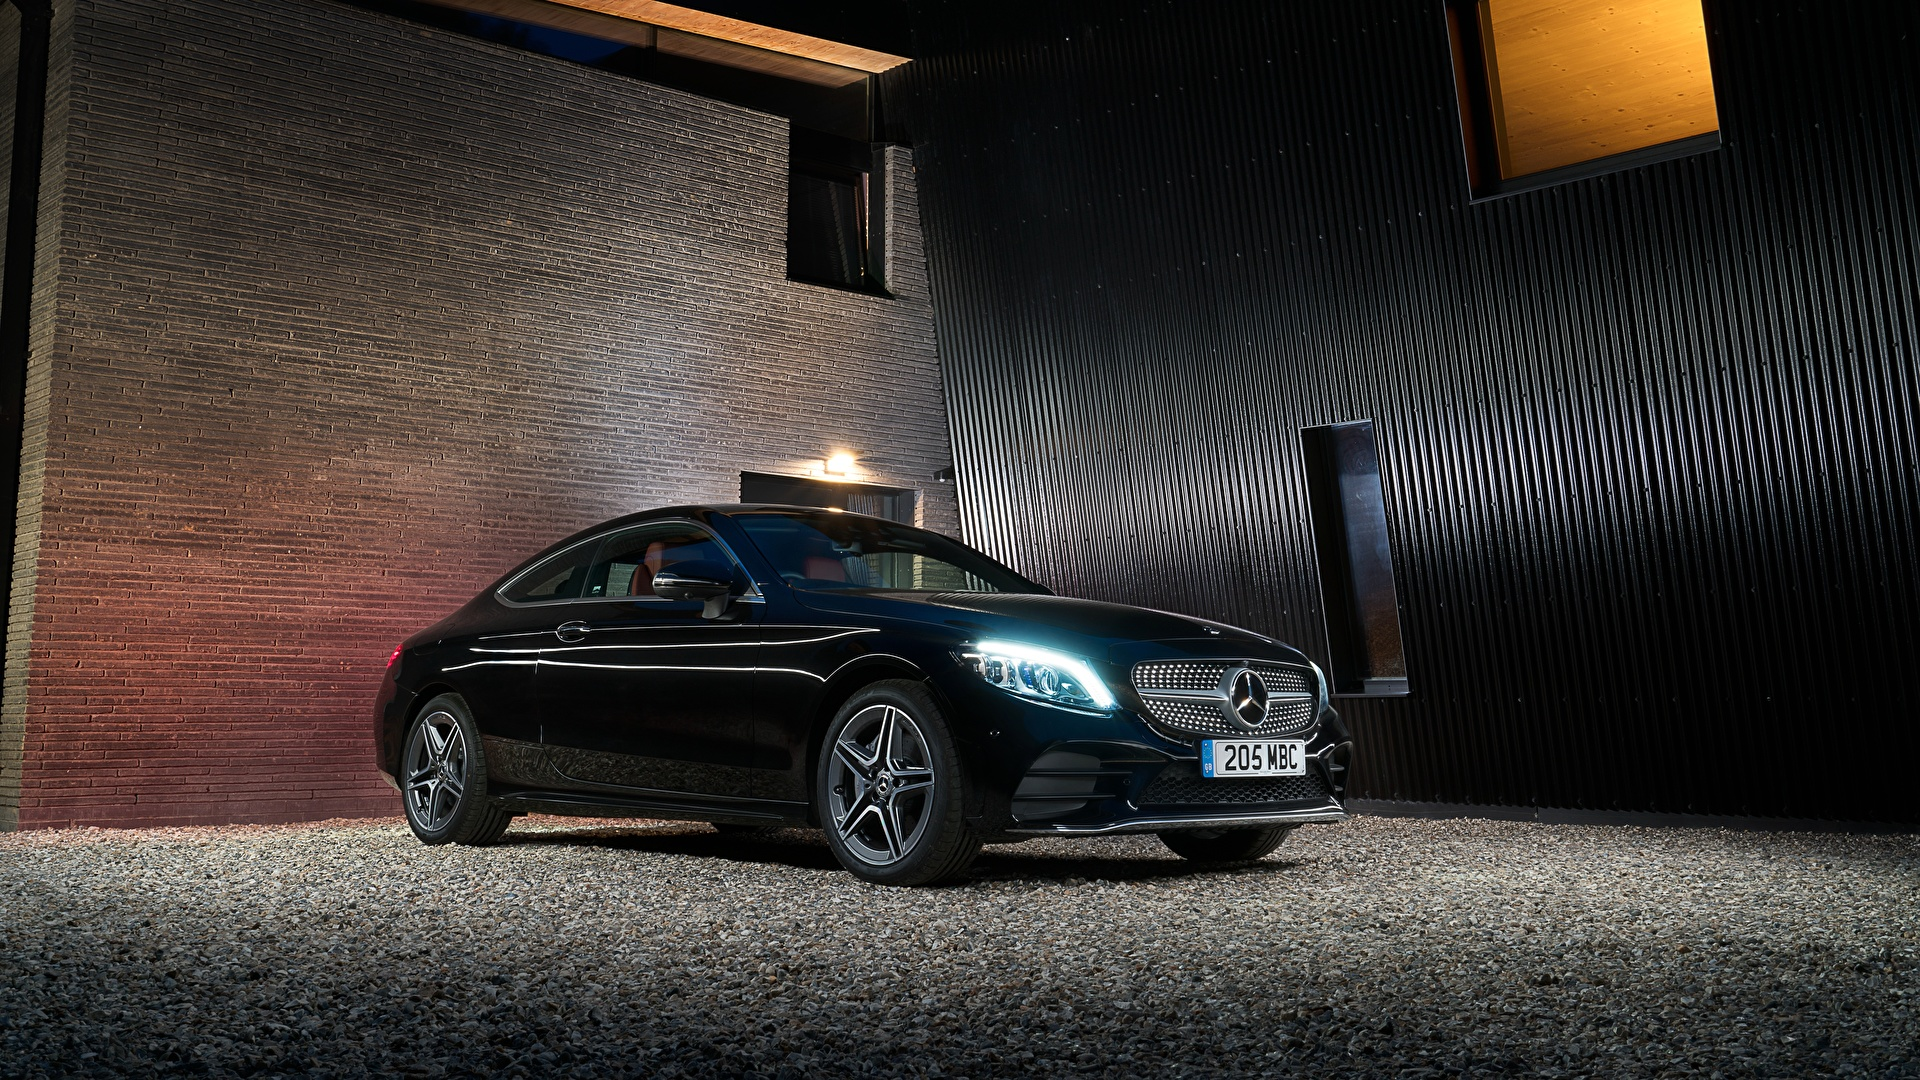 Фотография Mercedes-Benz 2018 C 220 d Coupe AMG Line Черный машины Металлик 1920x1080 Мерседес бенц черных черные черная авто машина автомобиль Автомобили